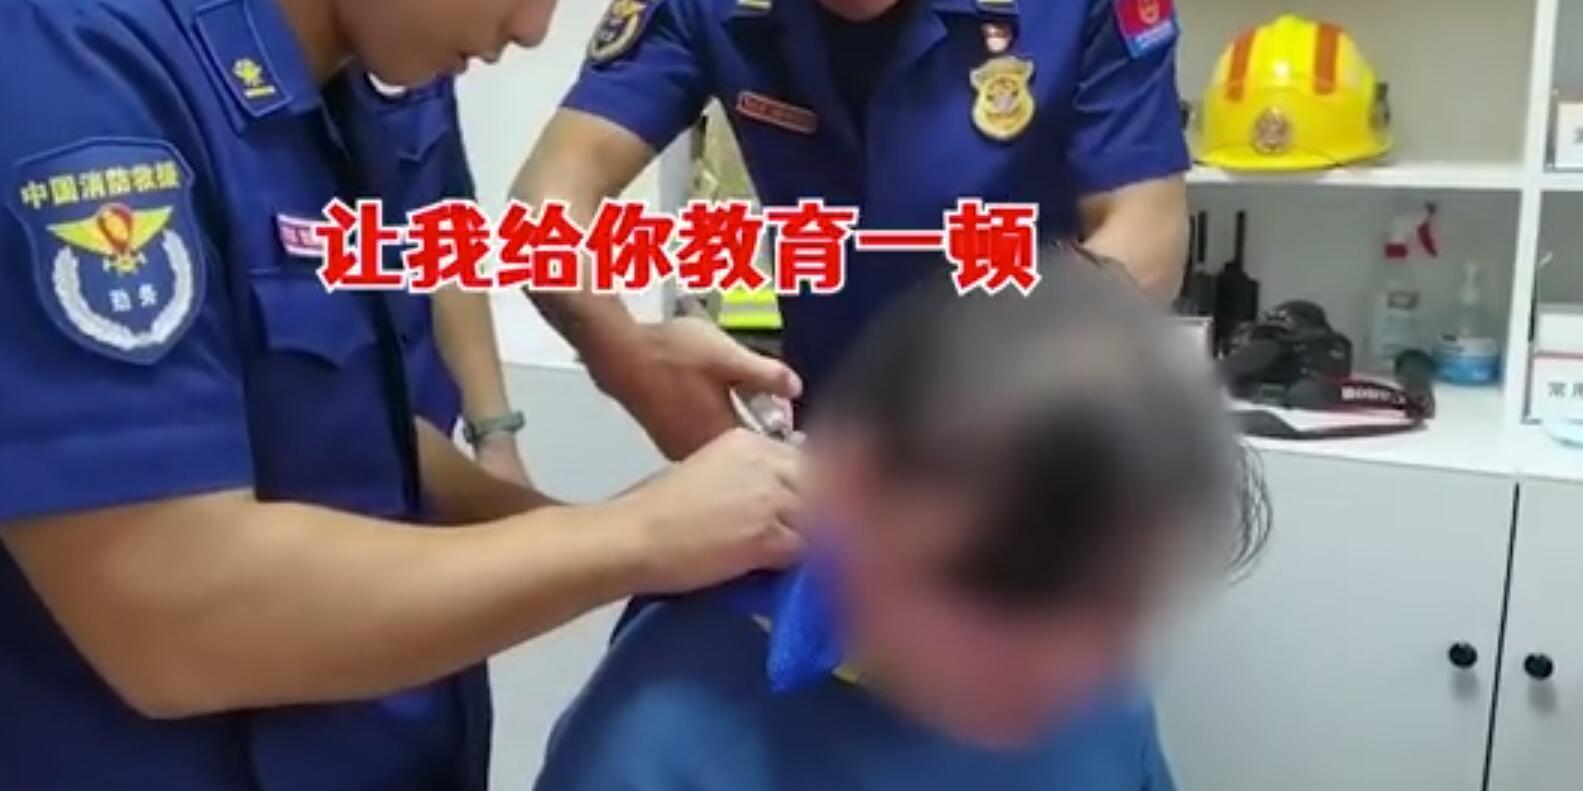 娃妈被男幼童用密码锁锁喉